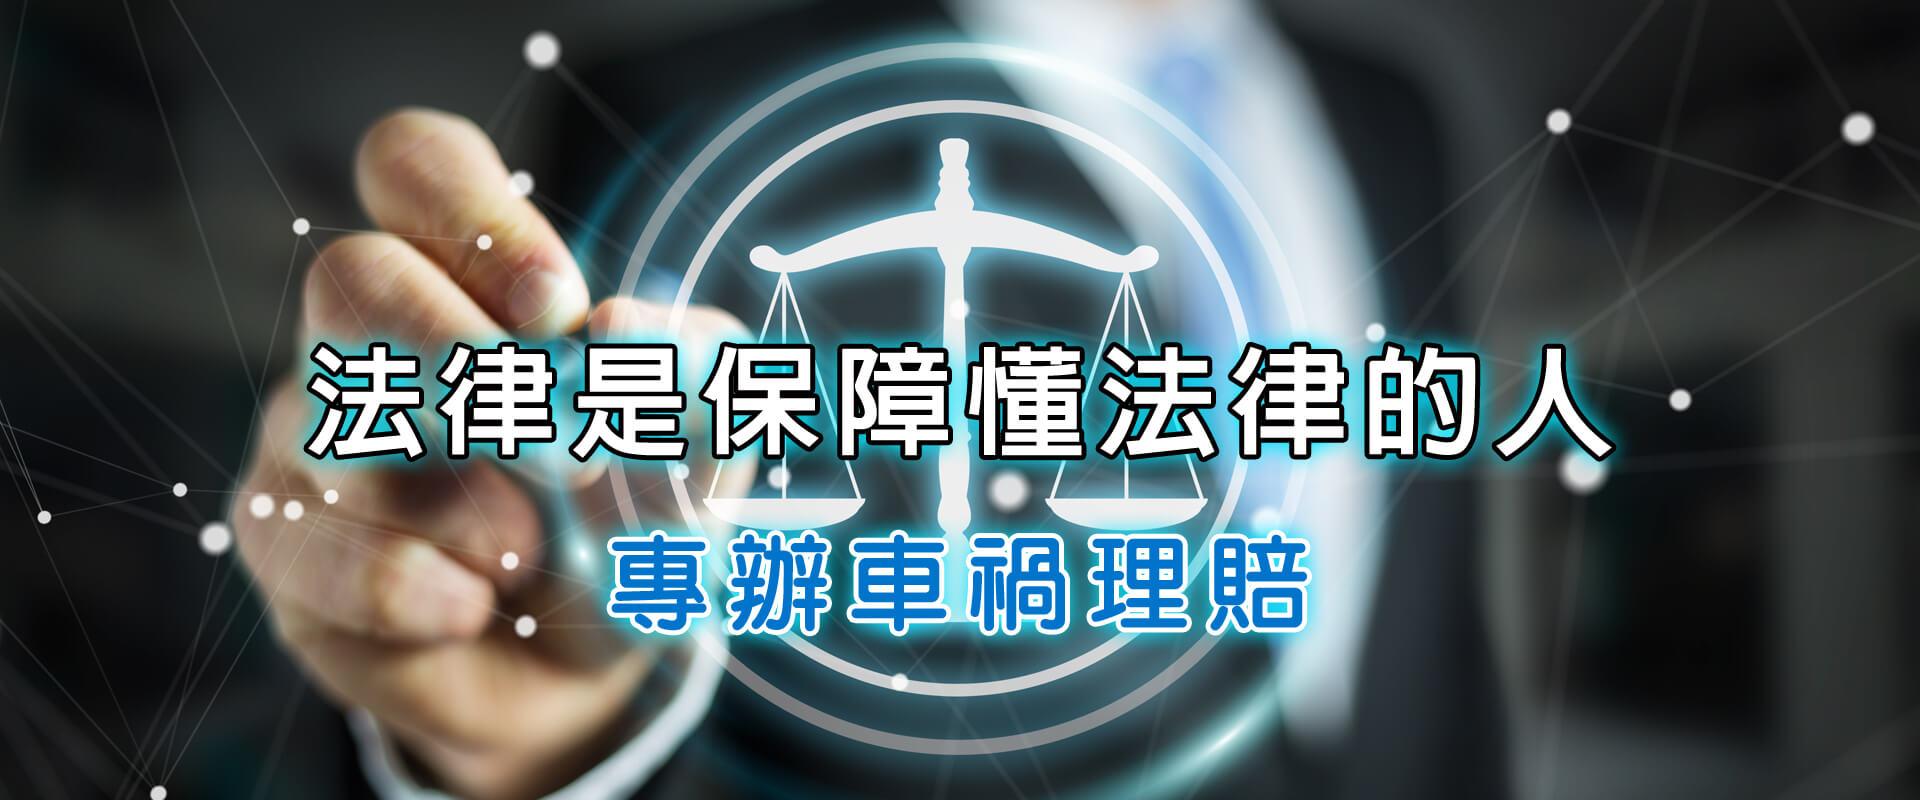 法律是保障懂法律的人-專辦車禍理賠